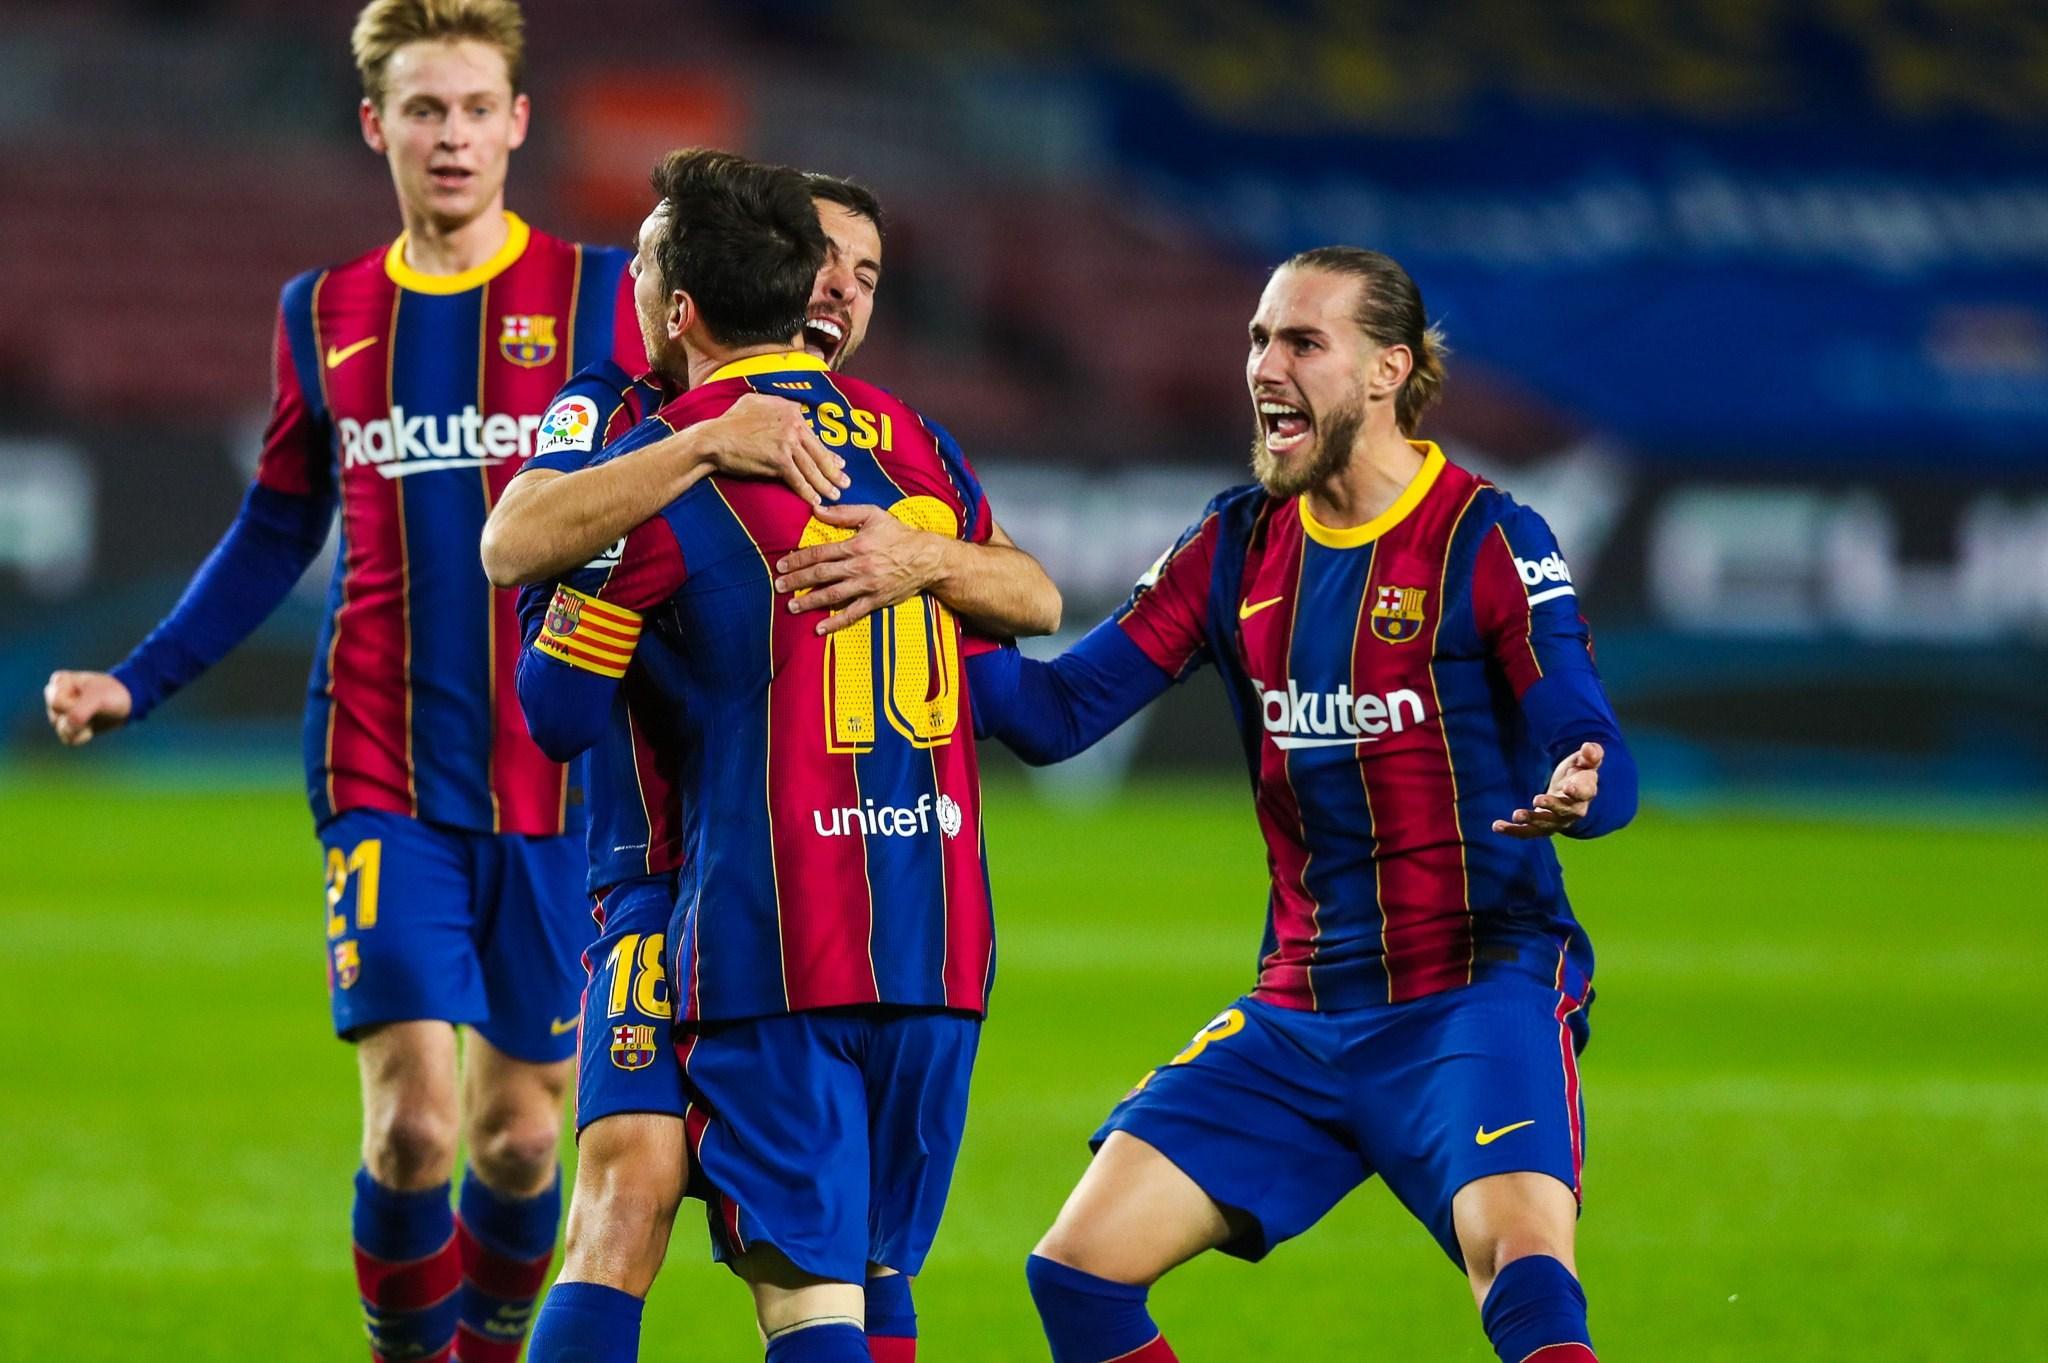 موعد مباراة برشلونة وبلد الوليد بالدوري الإسباني 2021 والقنوات الناقلة المجانية